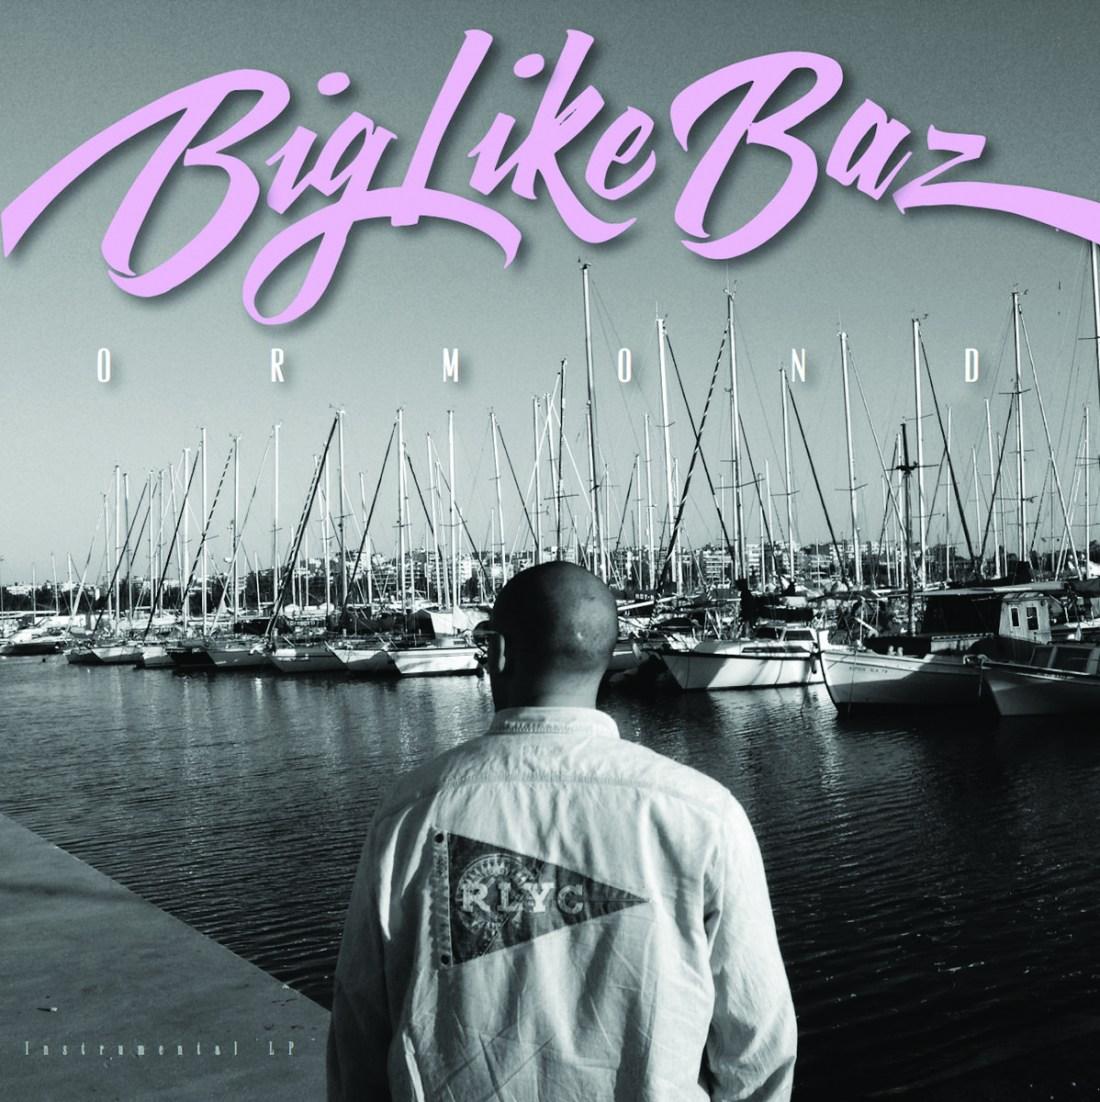 BigLikeBaz - Ormond